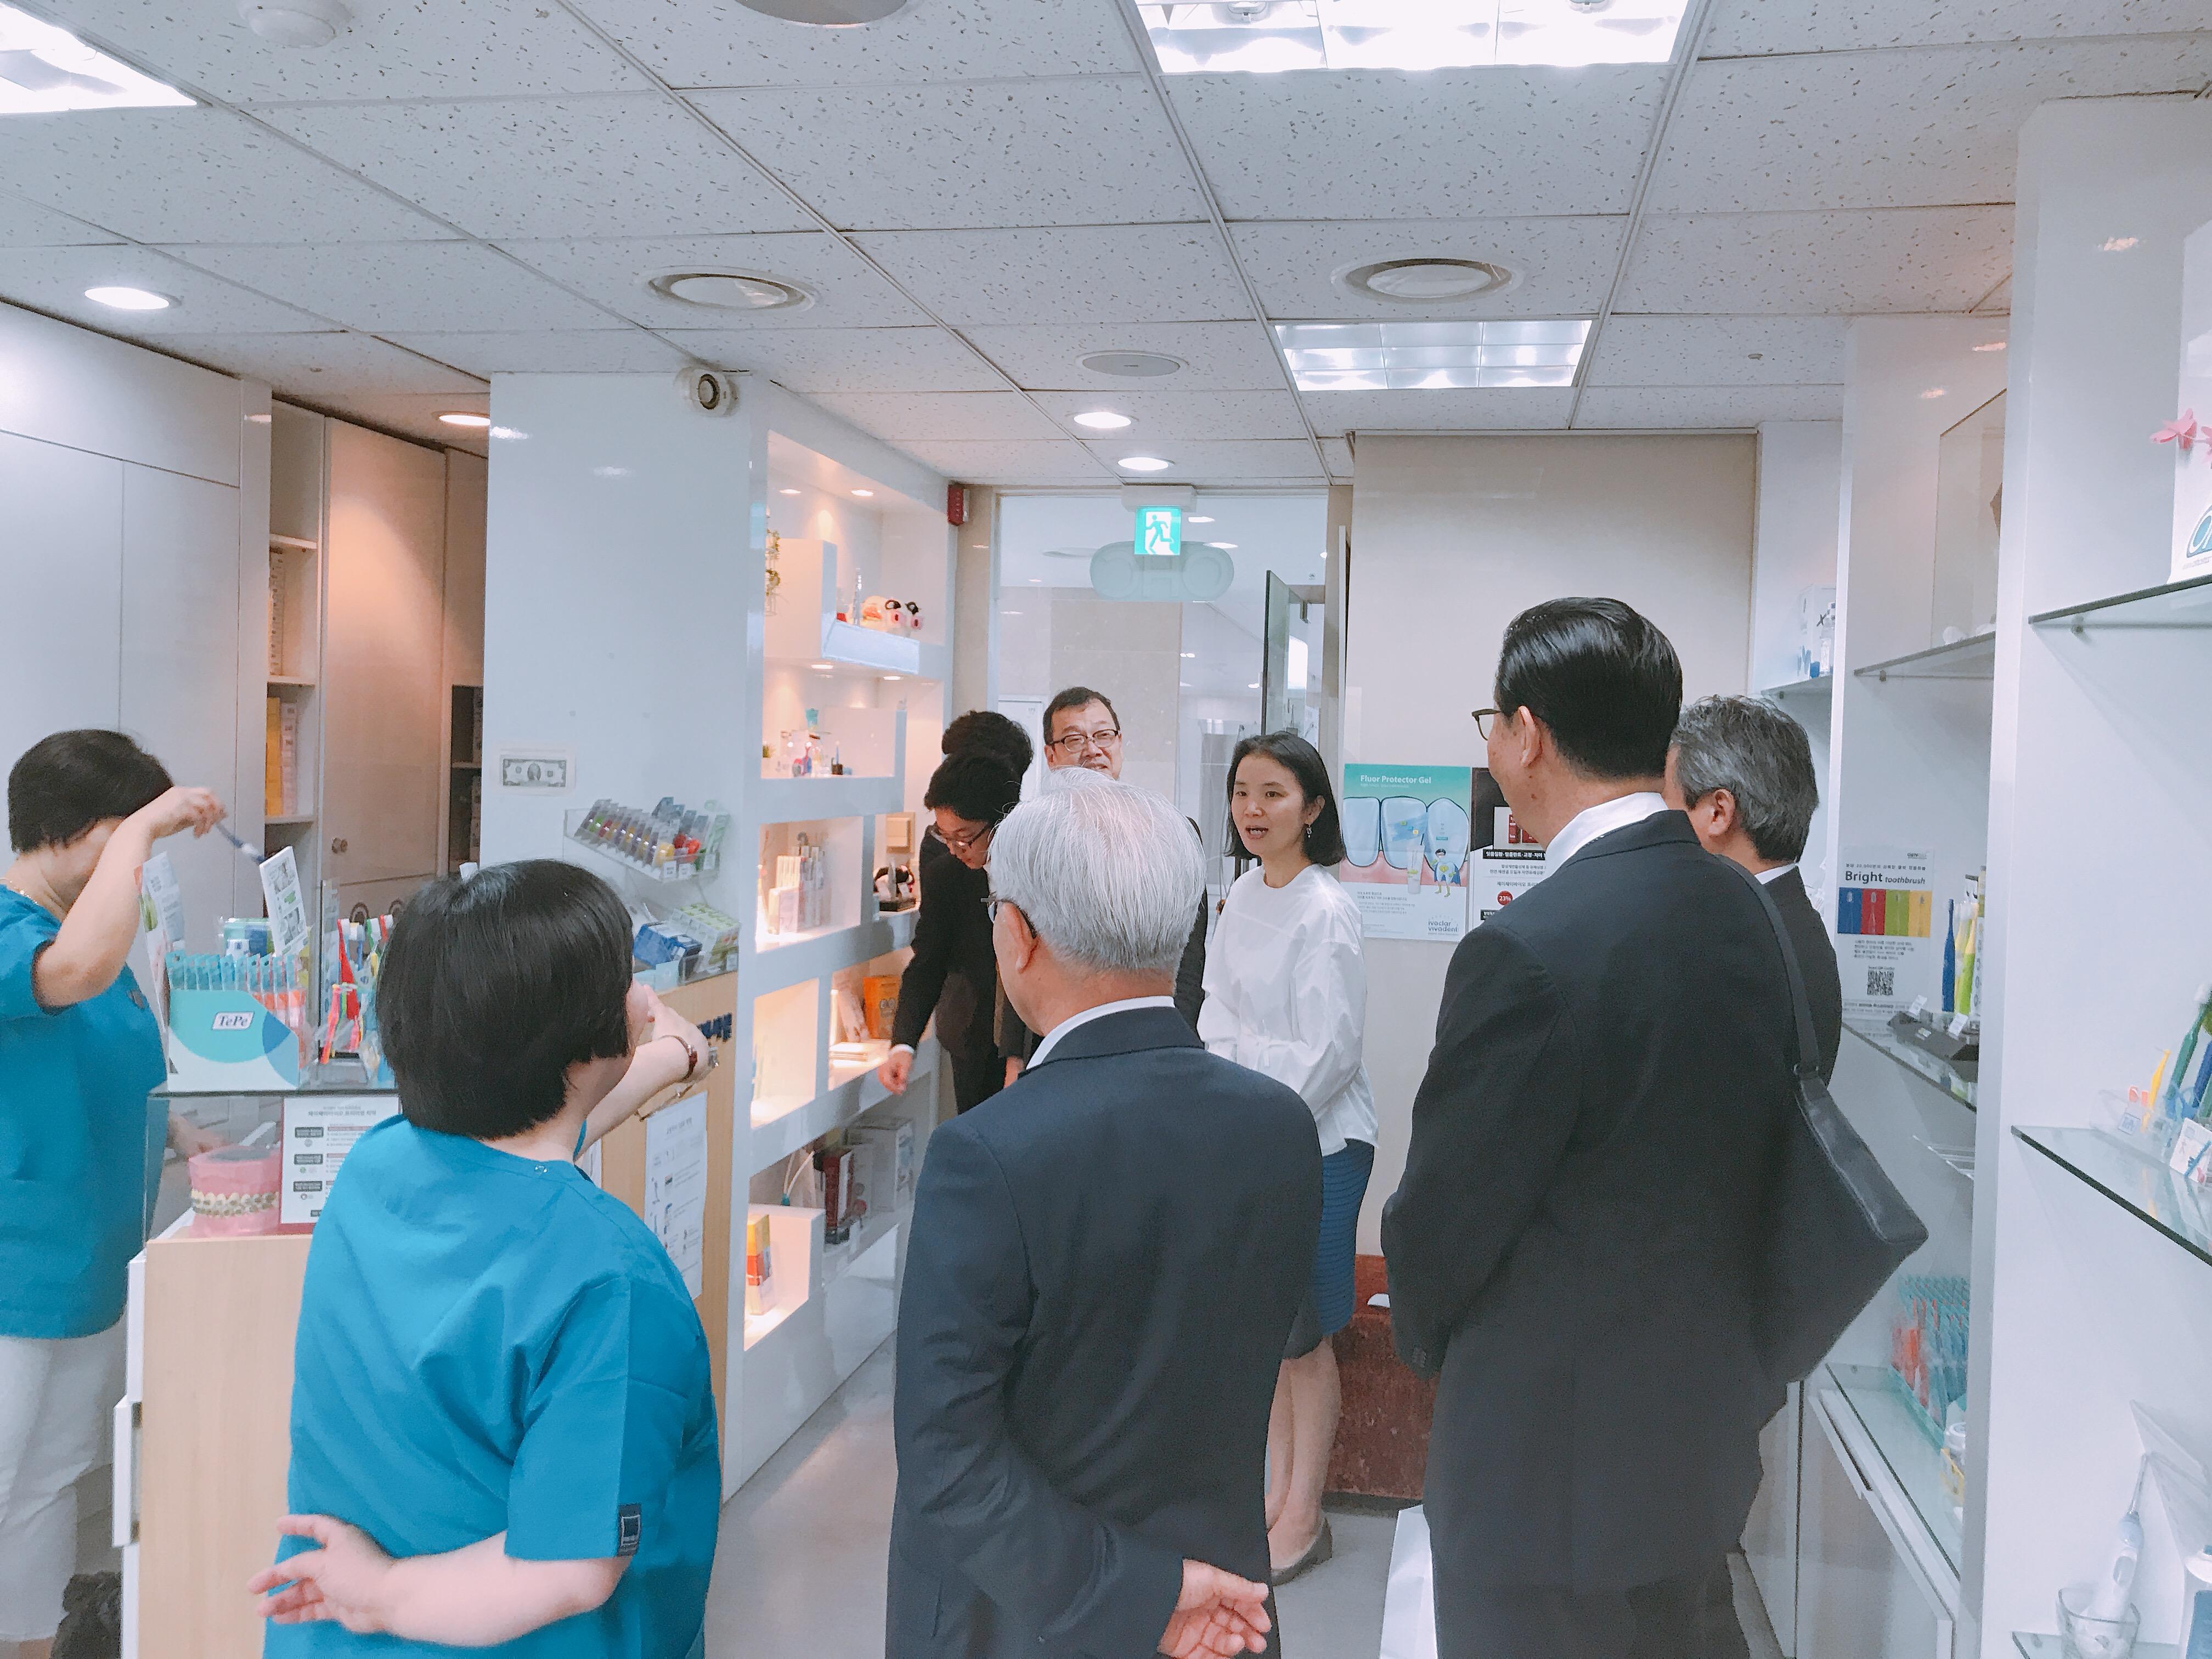 2019-5-13 일본 라이온 본사 직원 혜화방문 5.jpg